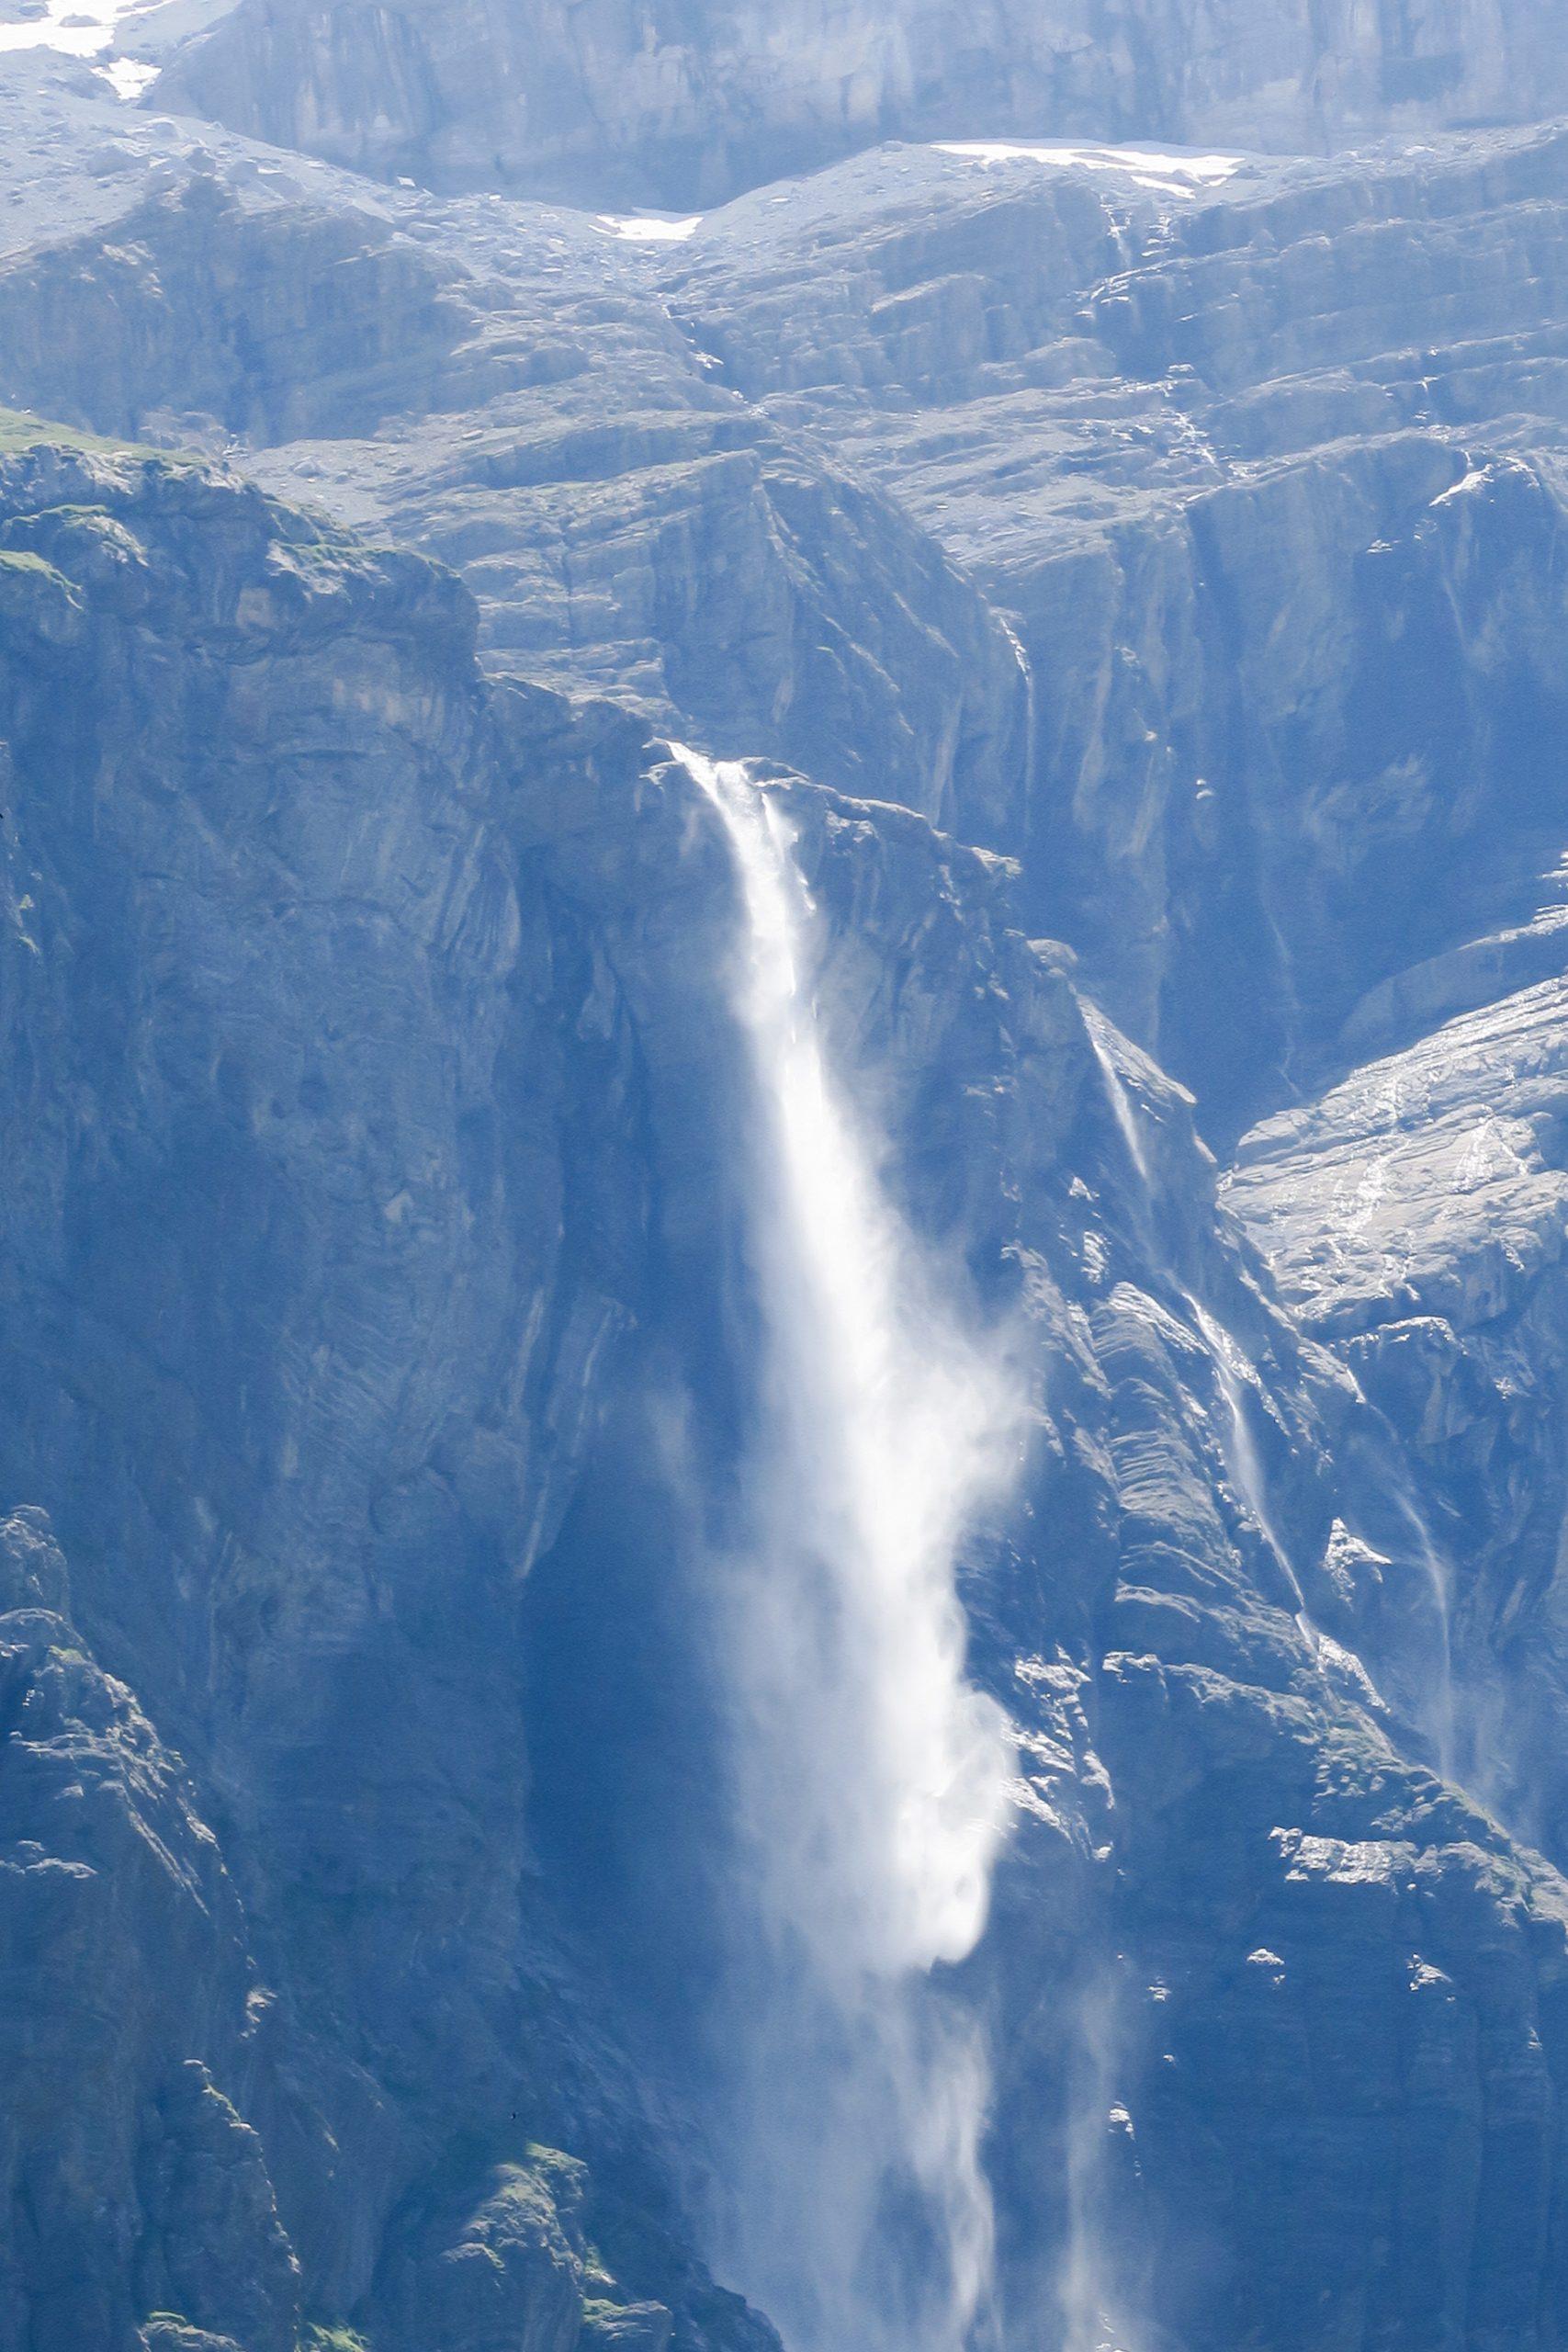 cascade du cirque de gavarnie hautes pyrénées